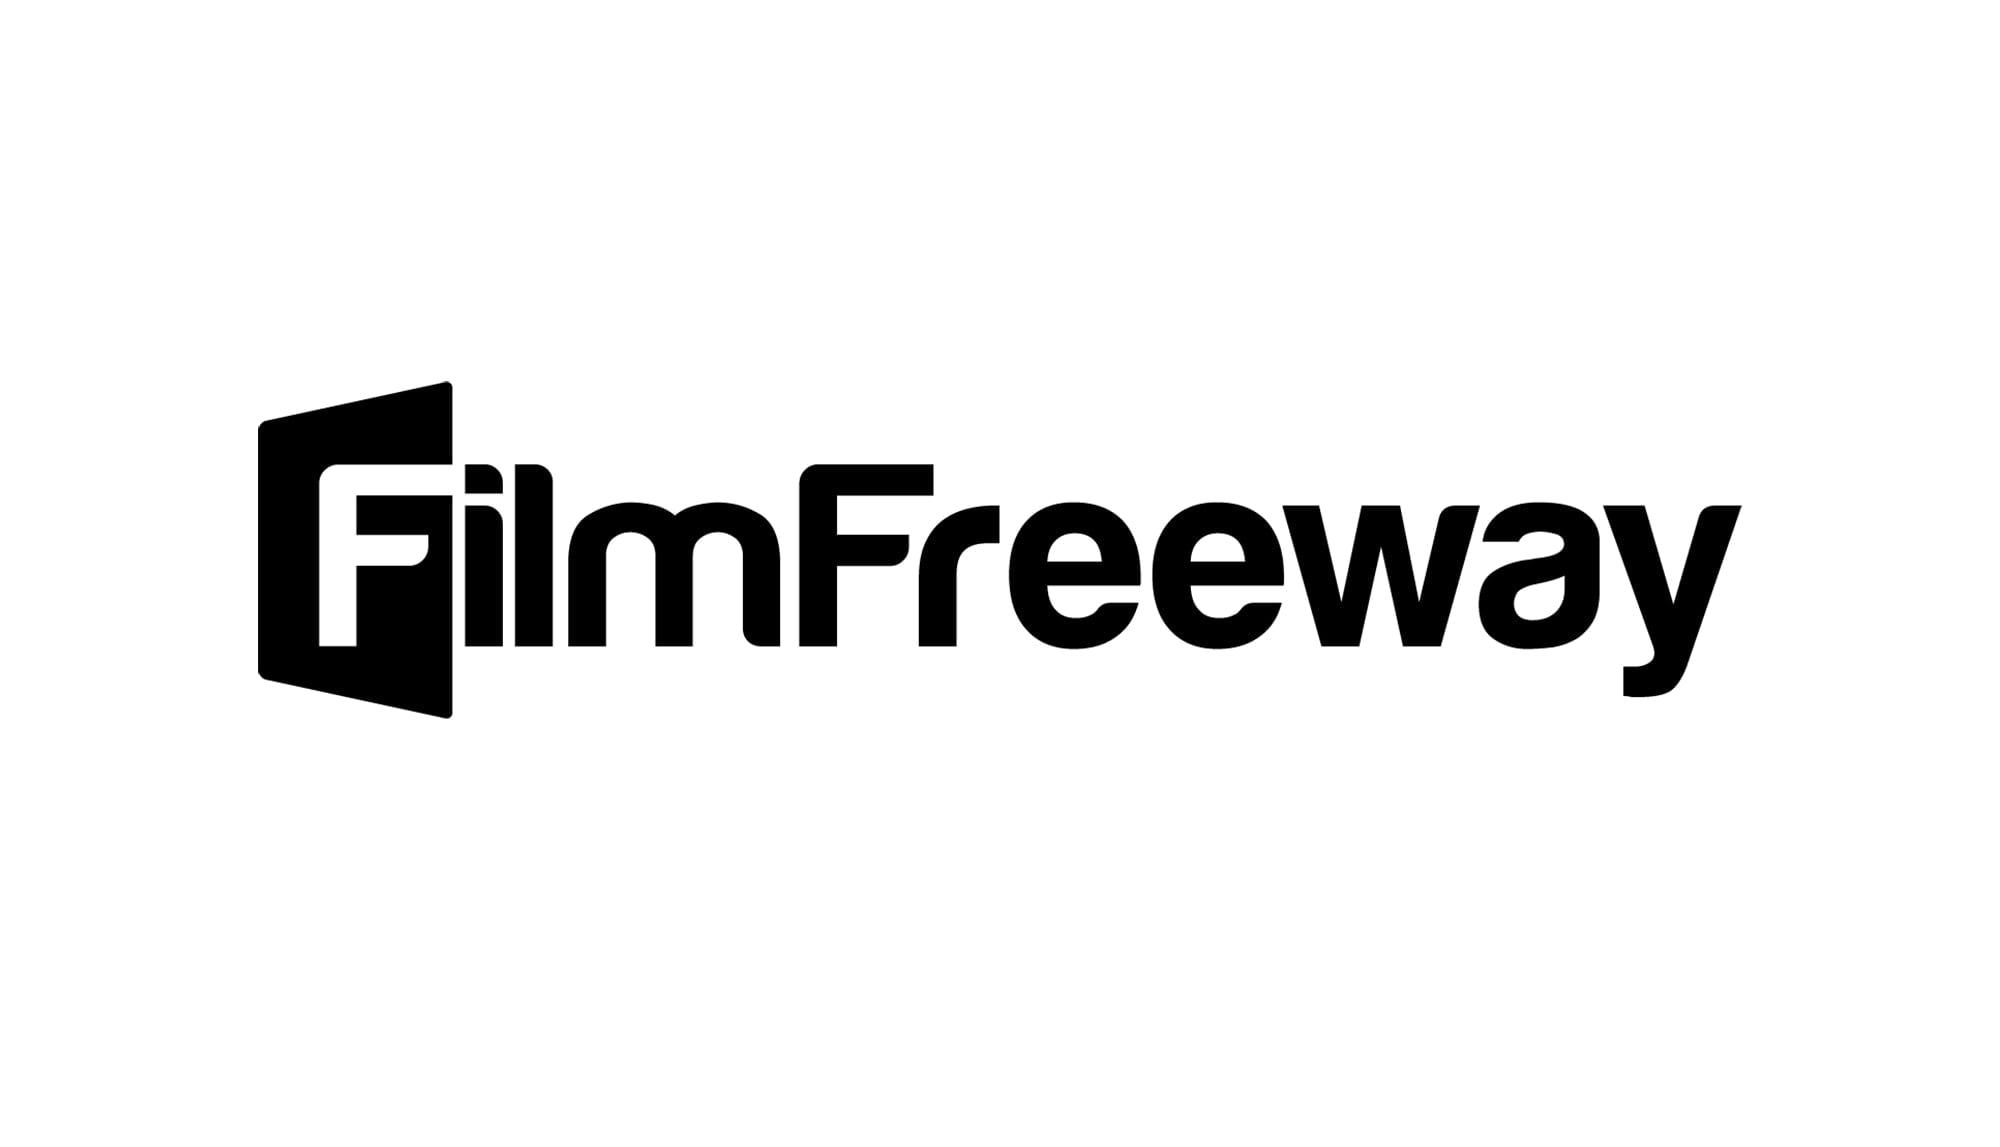 filmfreeway negro (1)